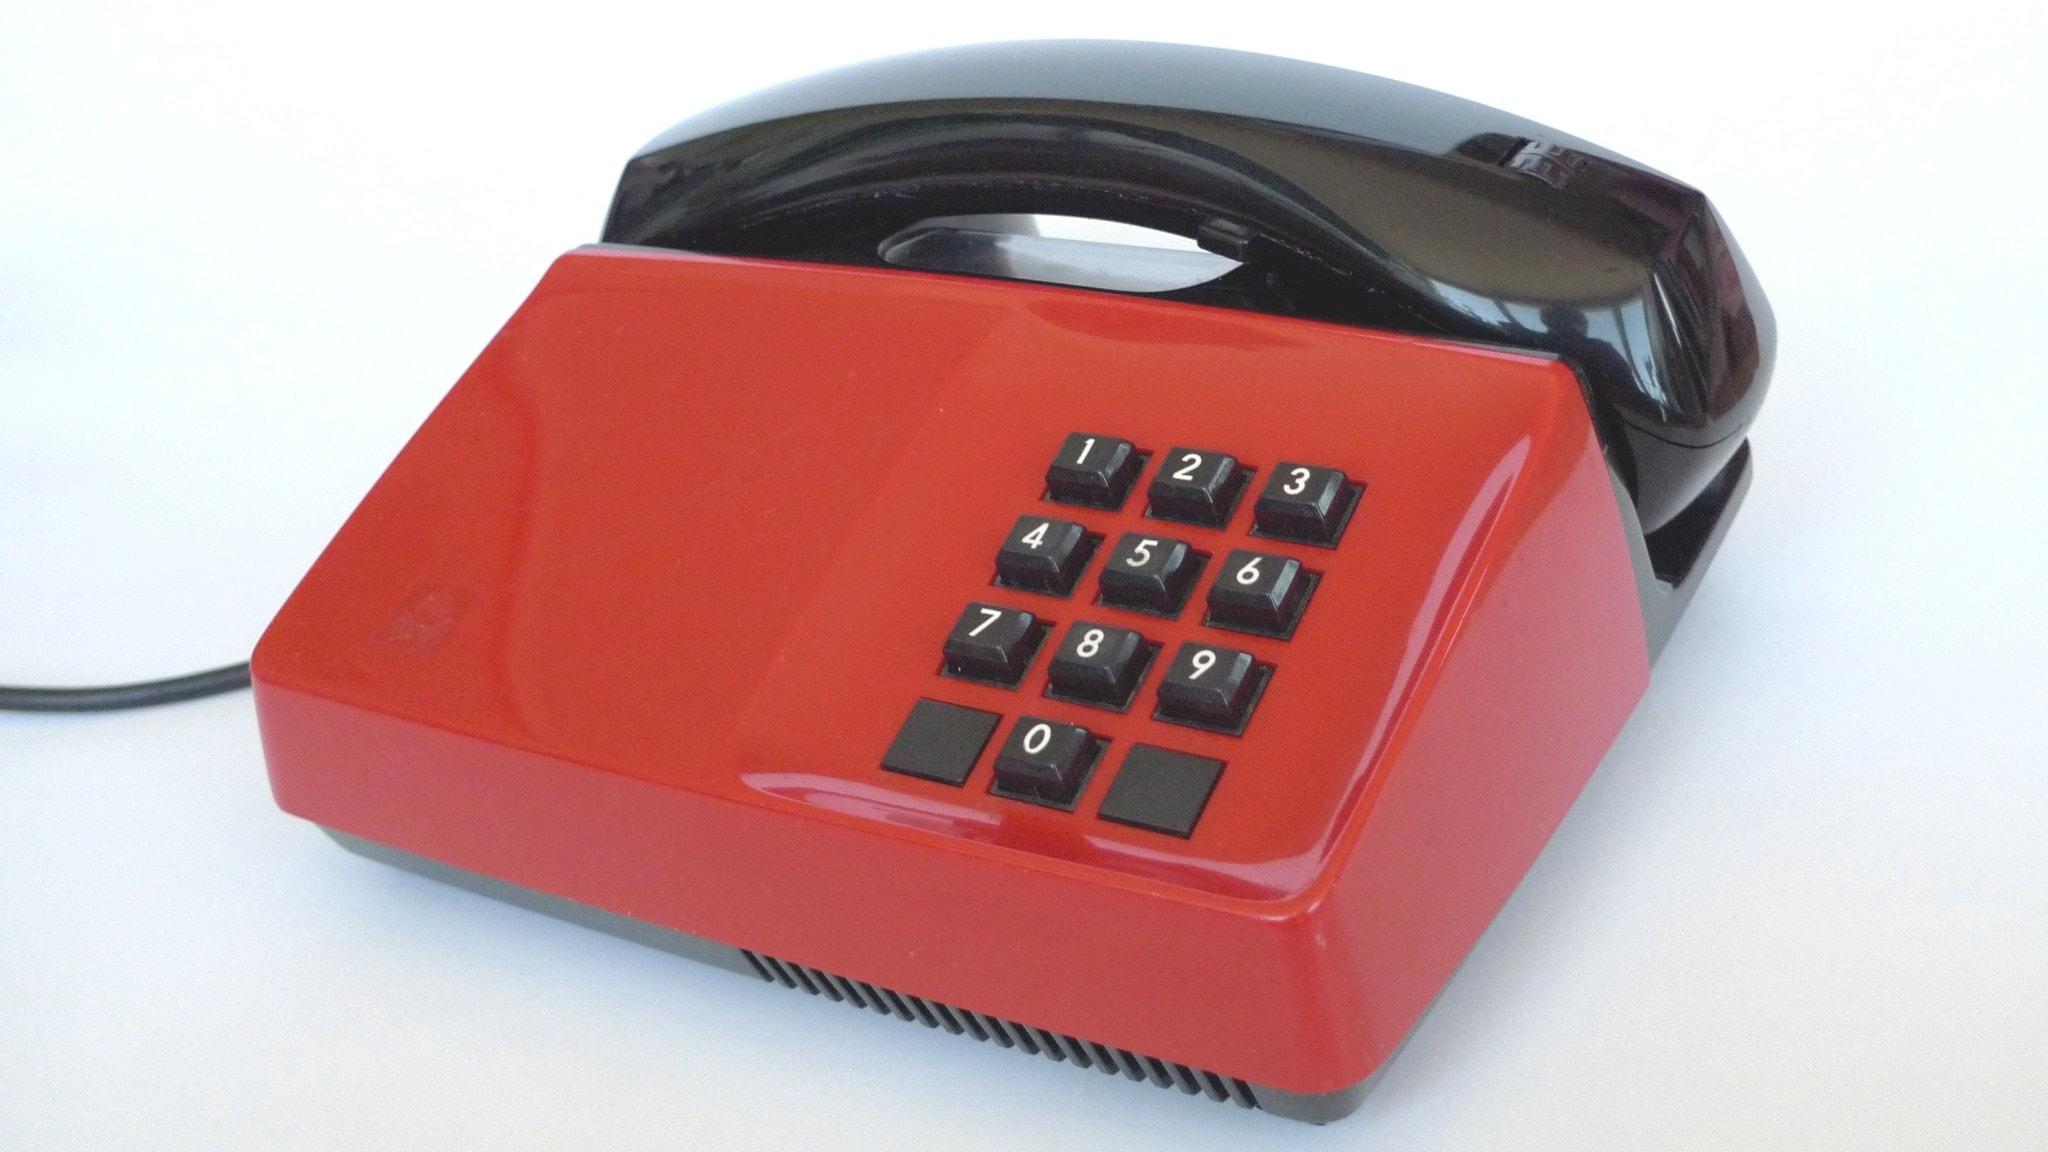 Knapptelefon Diavox 904 med 10 knappar (pulsval). Tillverkad av Teli.